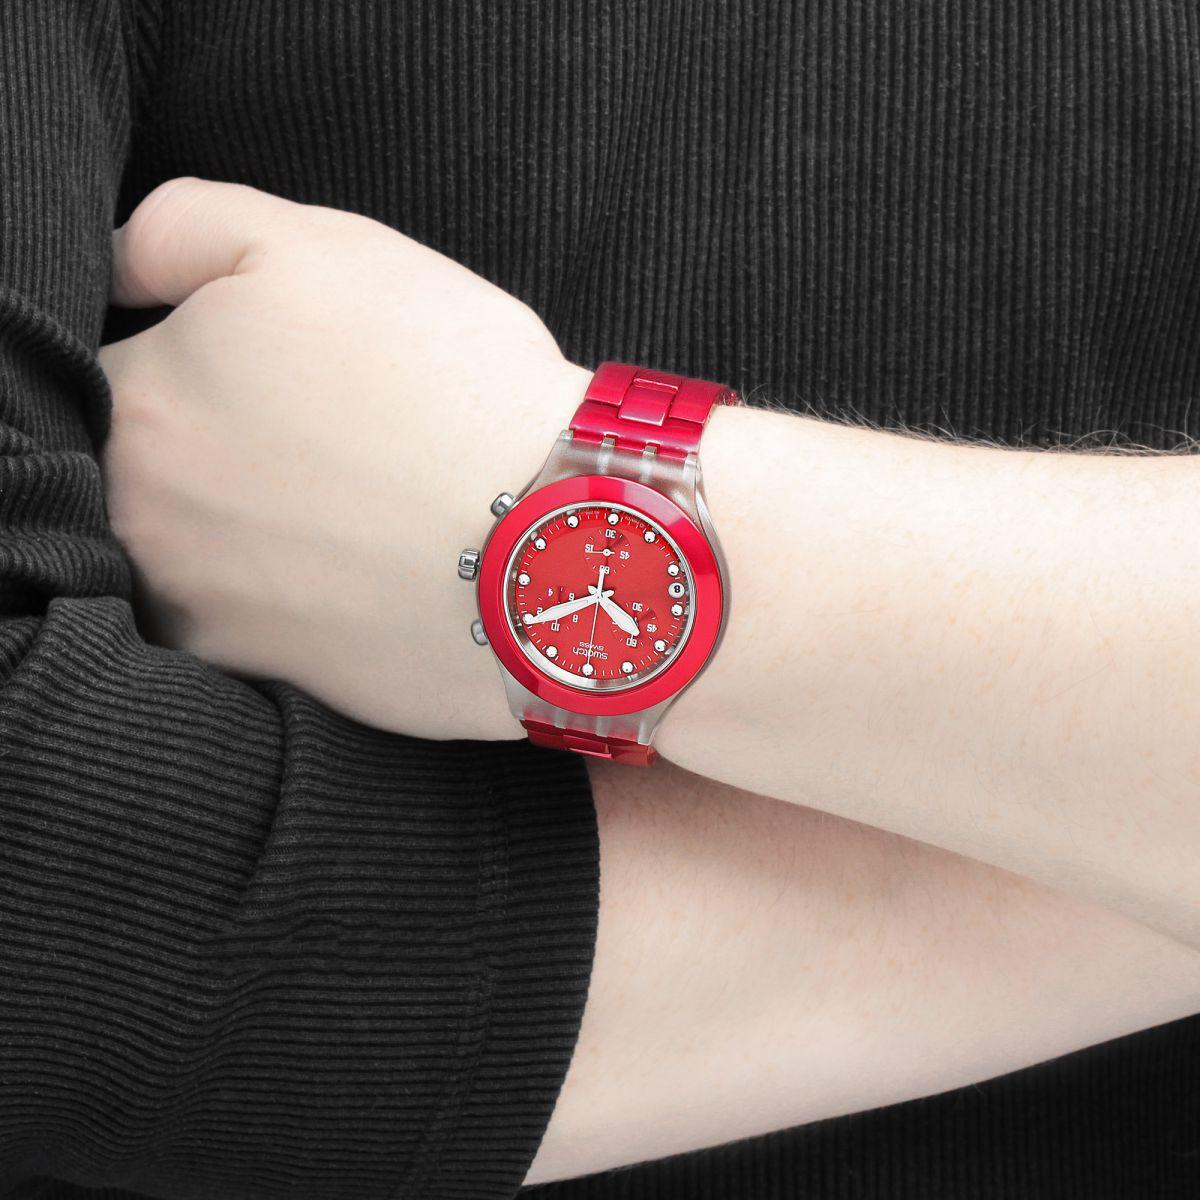 خرید ساعت مچی زنانه سواچ قرمز